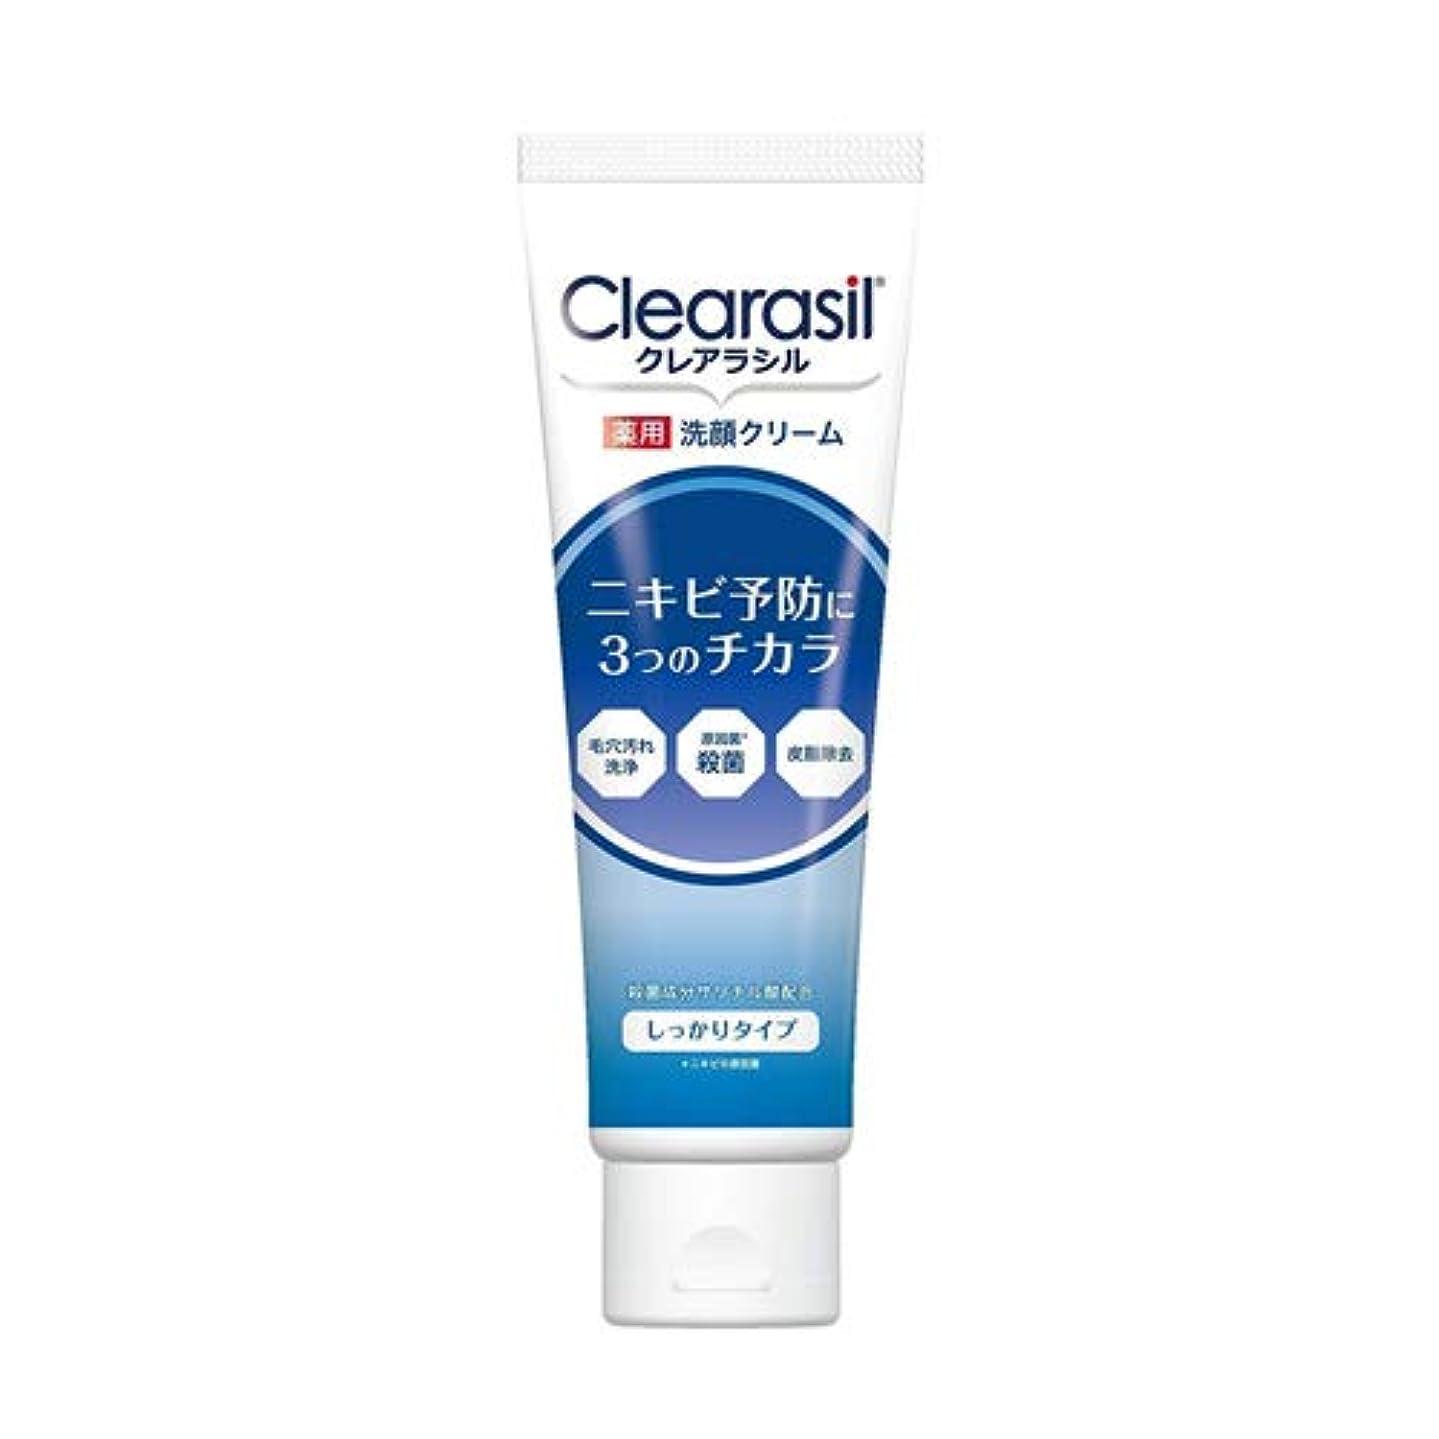 ツーリスト悪行コッククレアラシル 薬用 洗顔クリーム しっかりタイプ 120g 【医薬部外品】